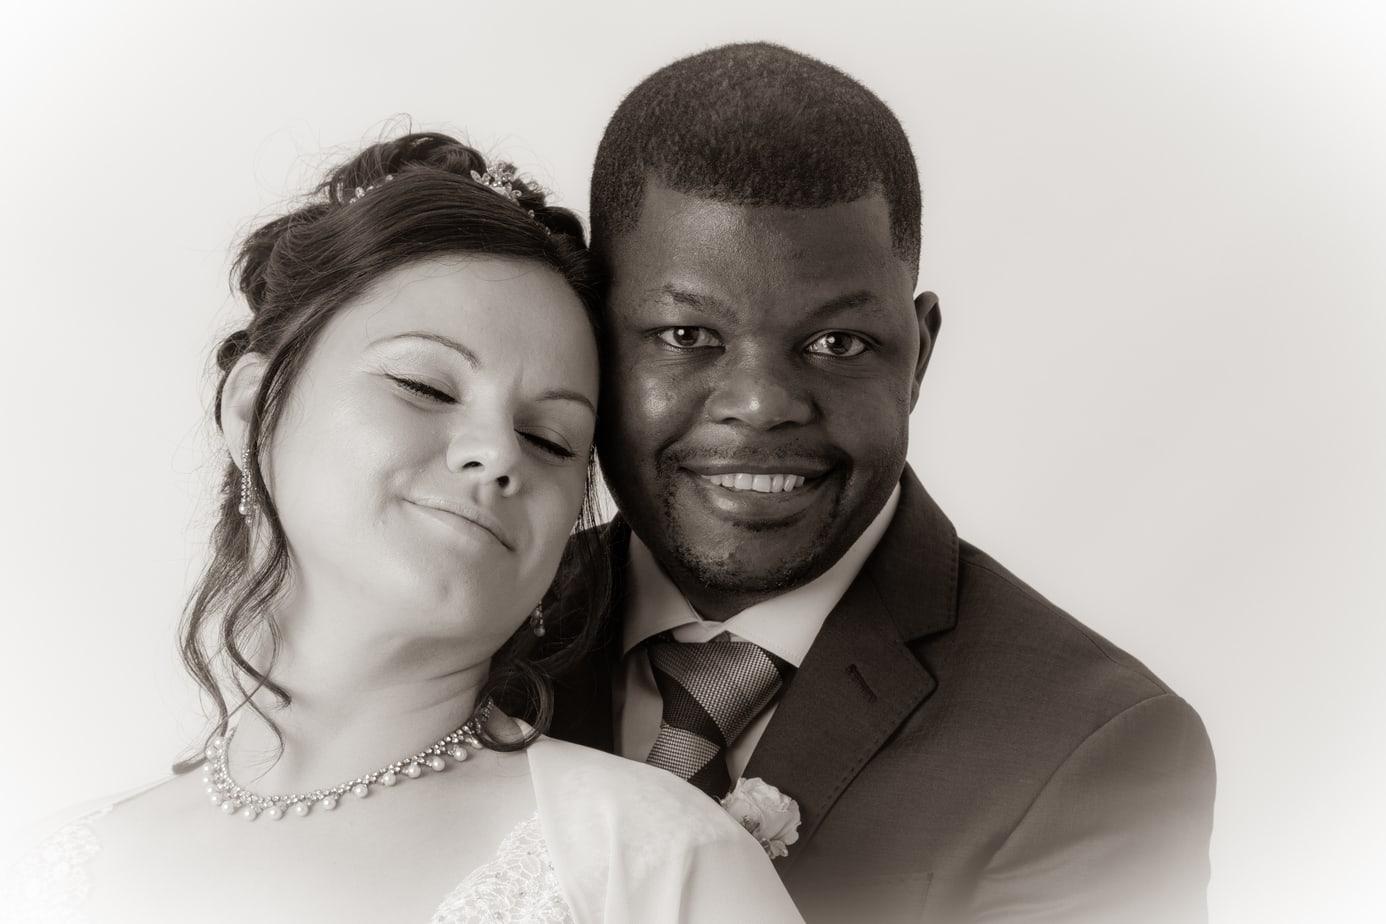 Traumhafte Hochzeitsfotos im Studio